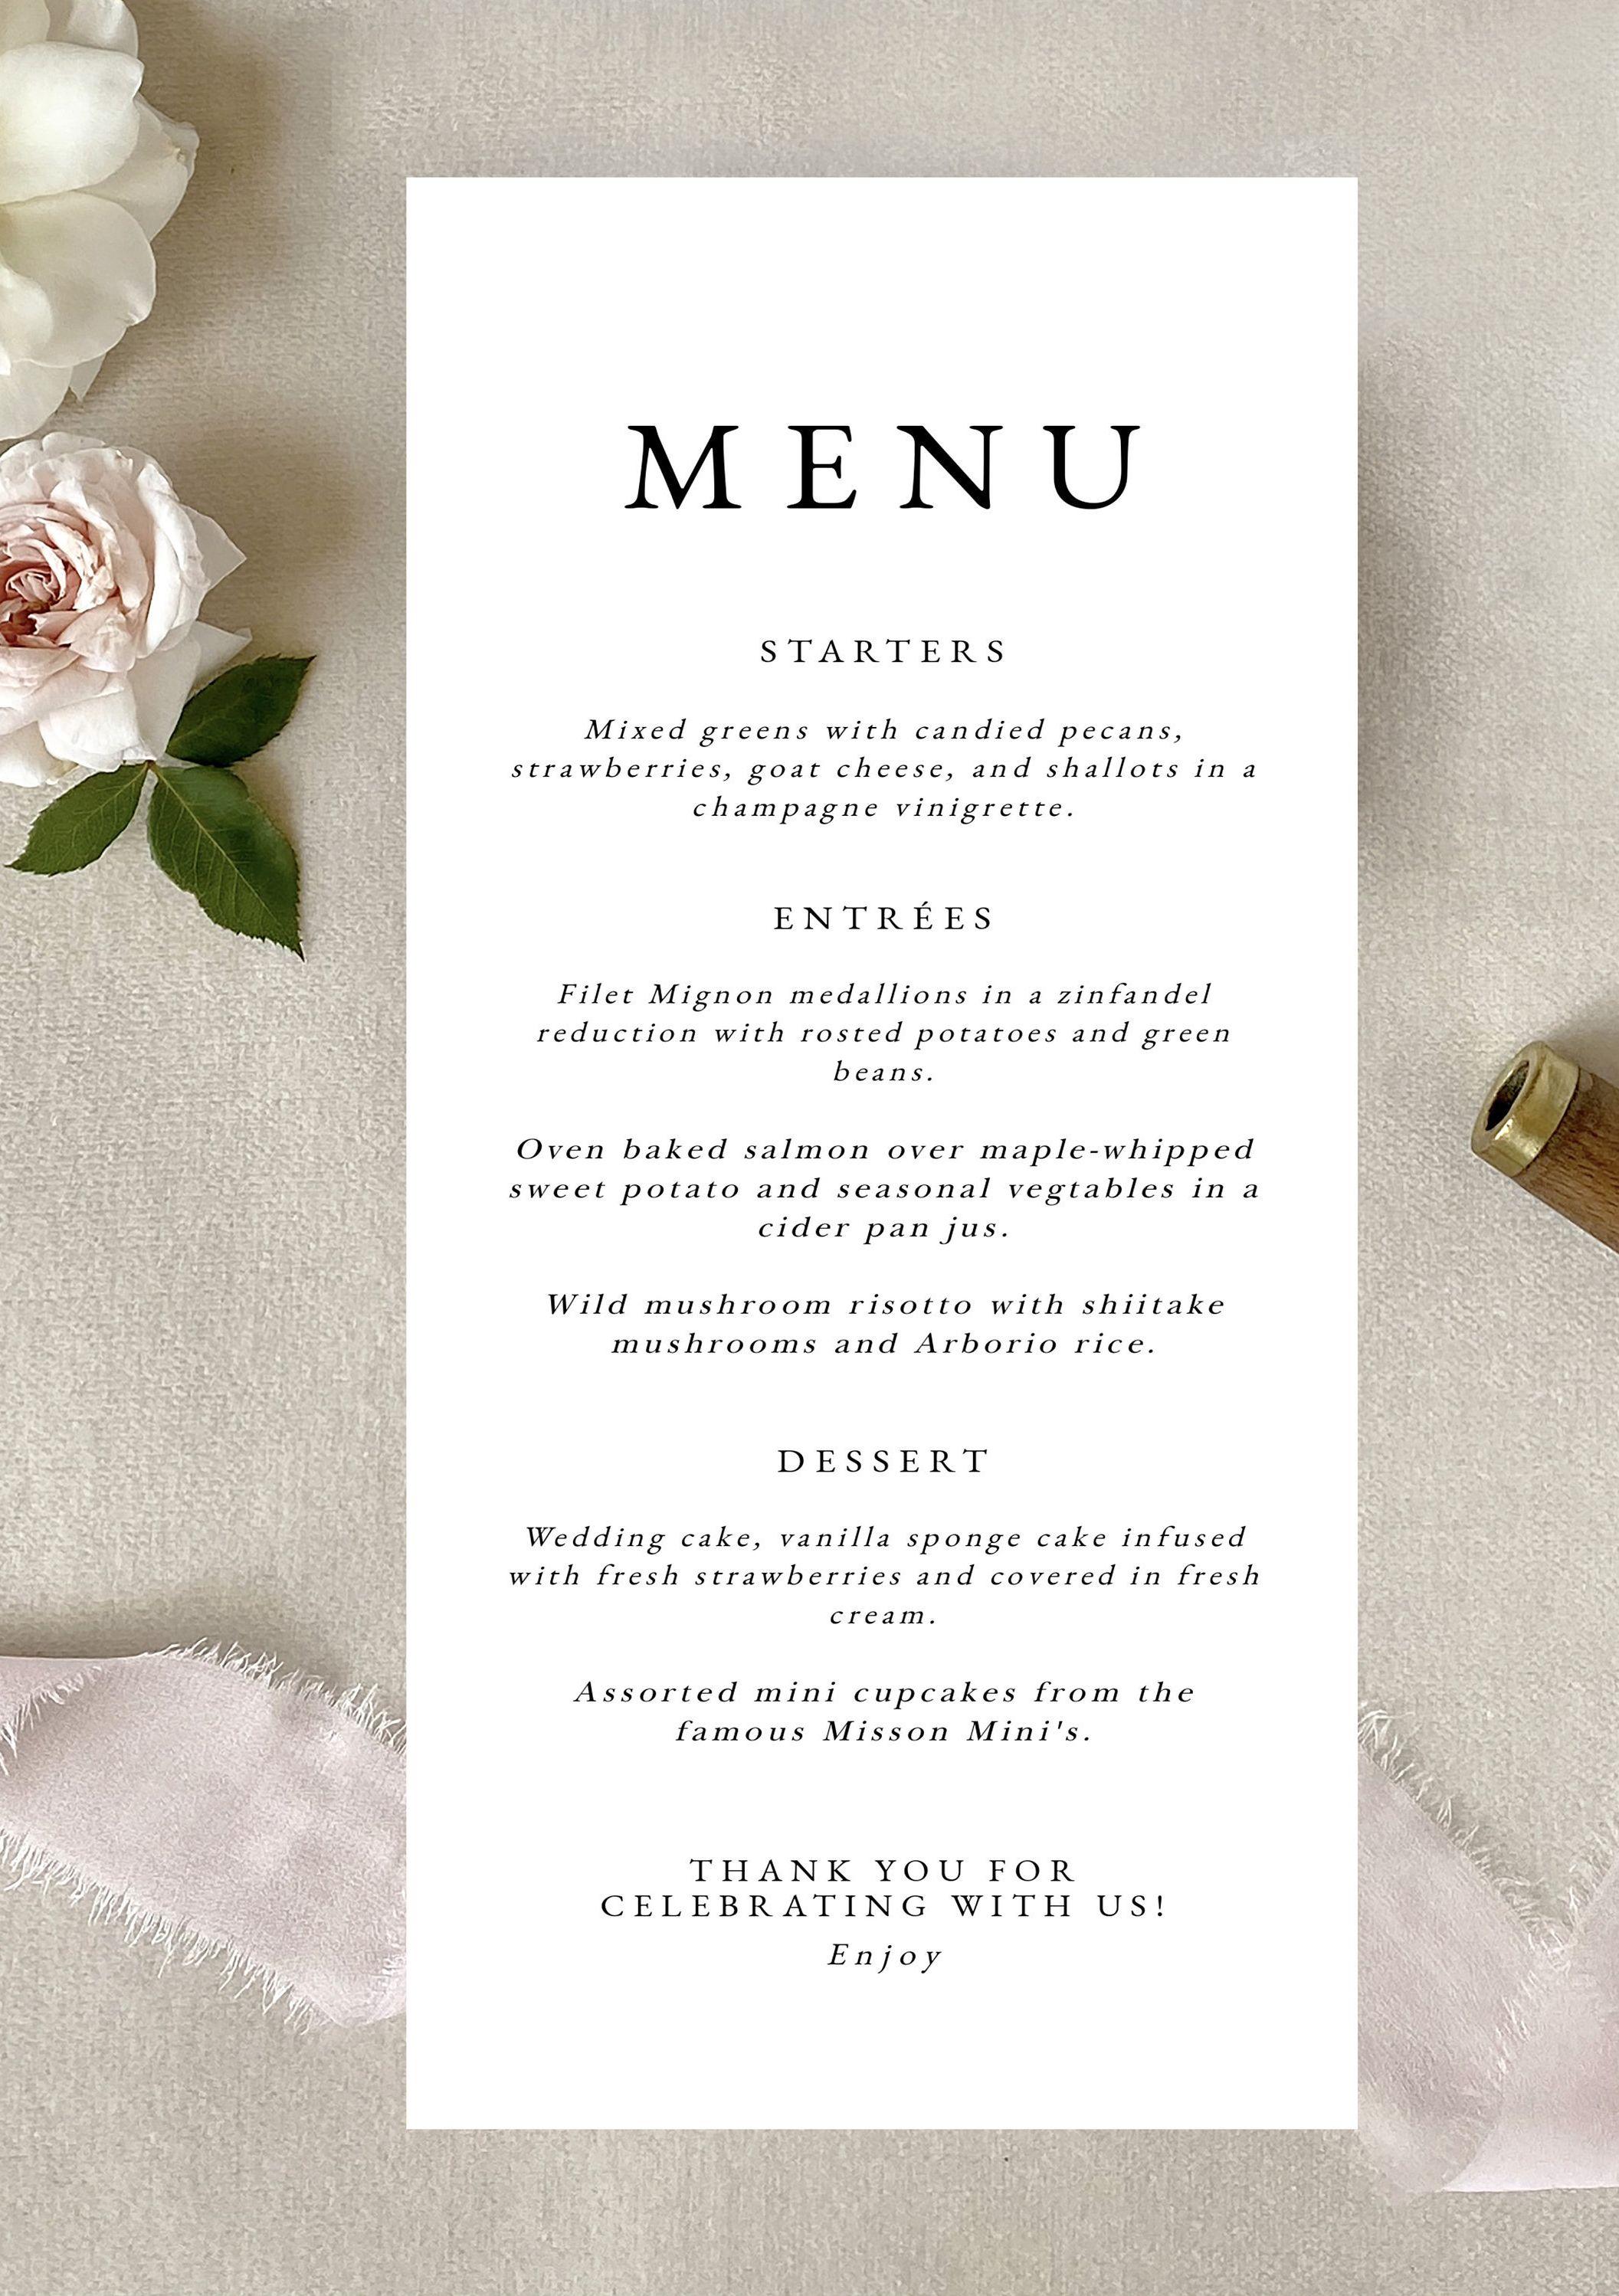 Modern Wedding Menu Template Simple Wedding Menu Cards Etsy In 2021 Wedding Menu Cards Wedding Menu Template Wedding Reception Menu